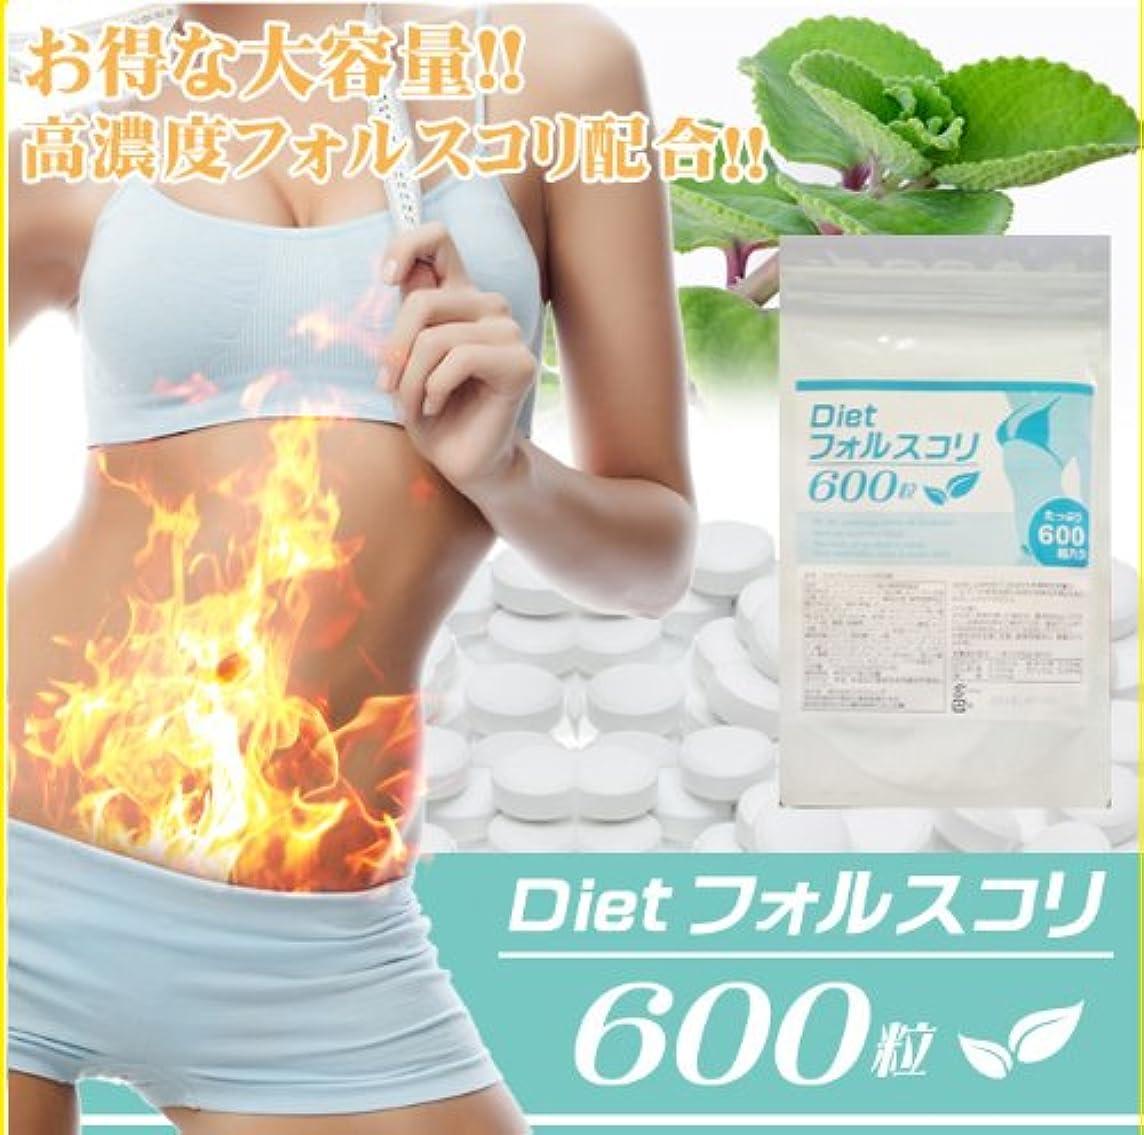 ダイエットフォルスコリ600 (フォルスコリ配合 大容量ダイエットサプリ)